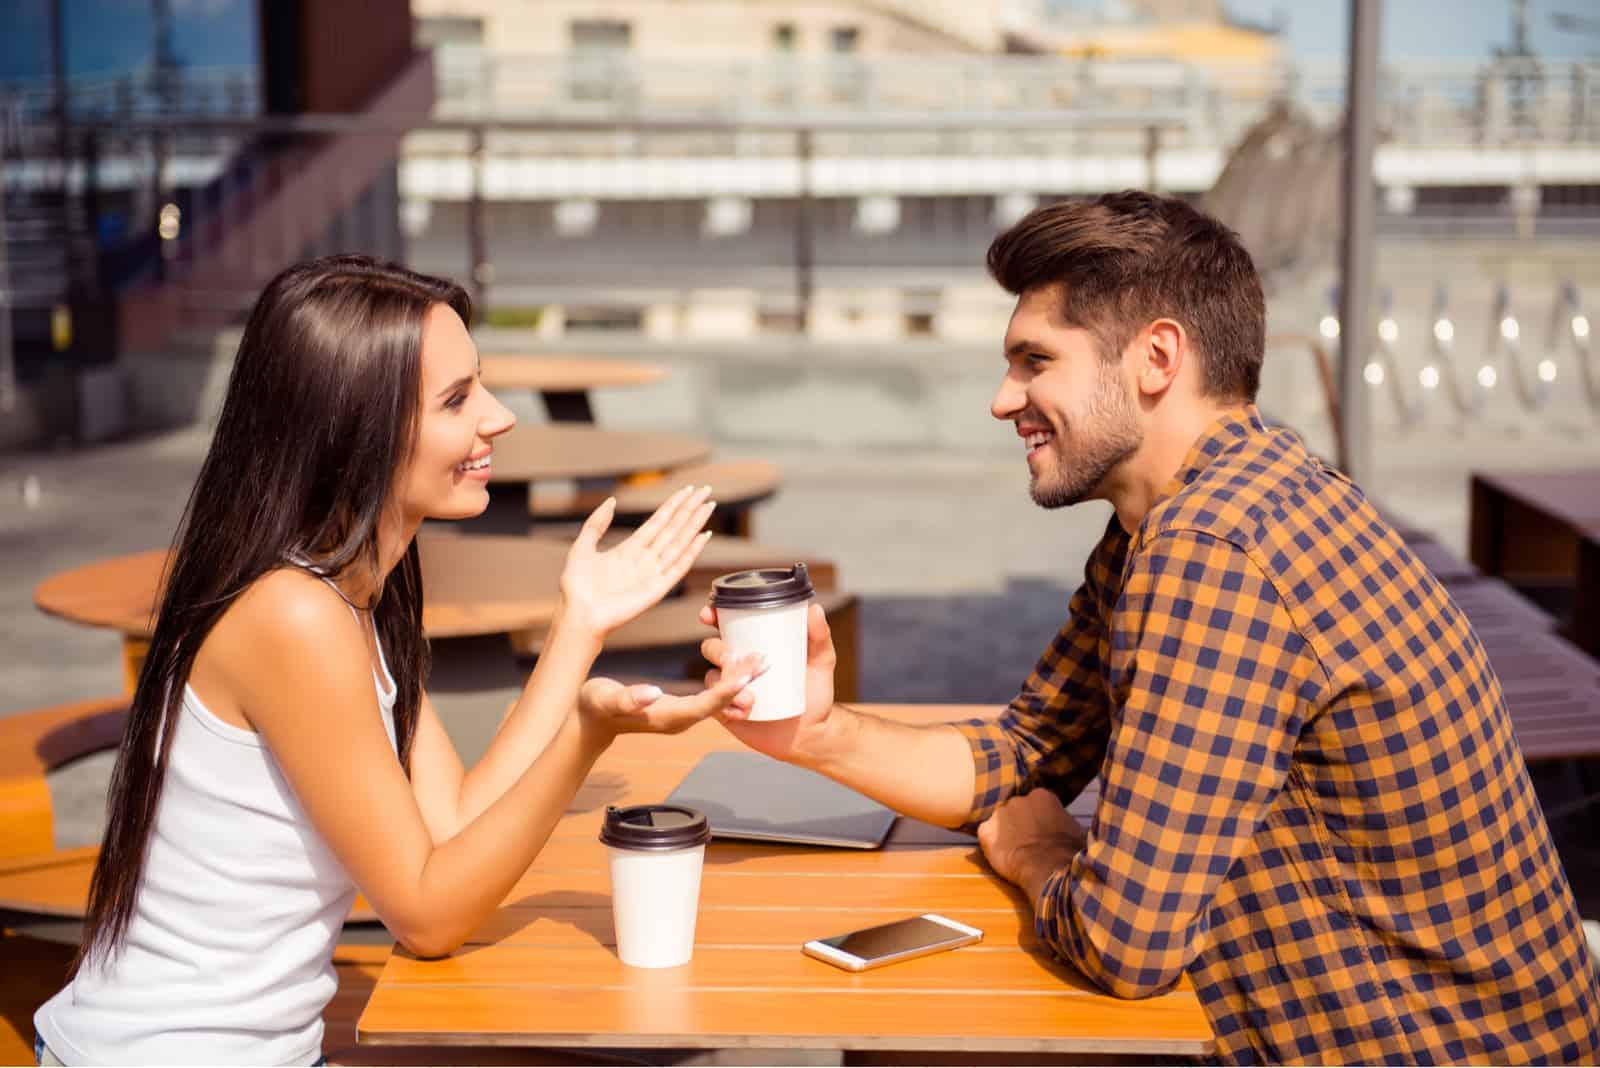 un homme et une femme s'assoient face à face et boivent du café